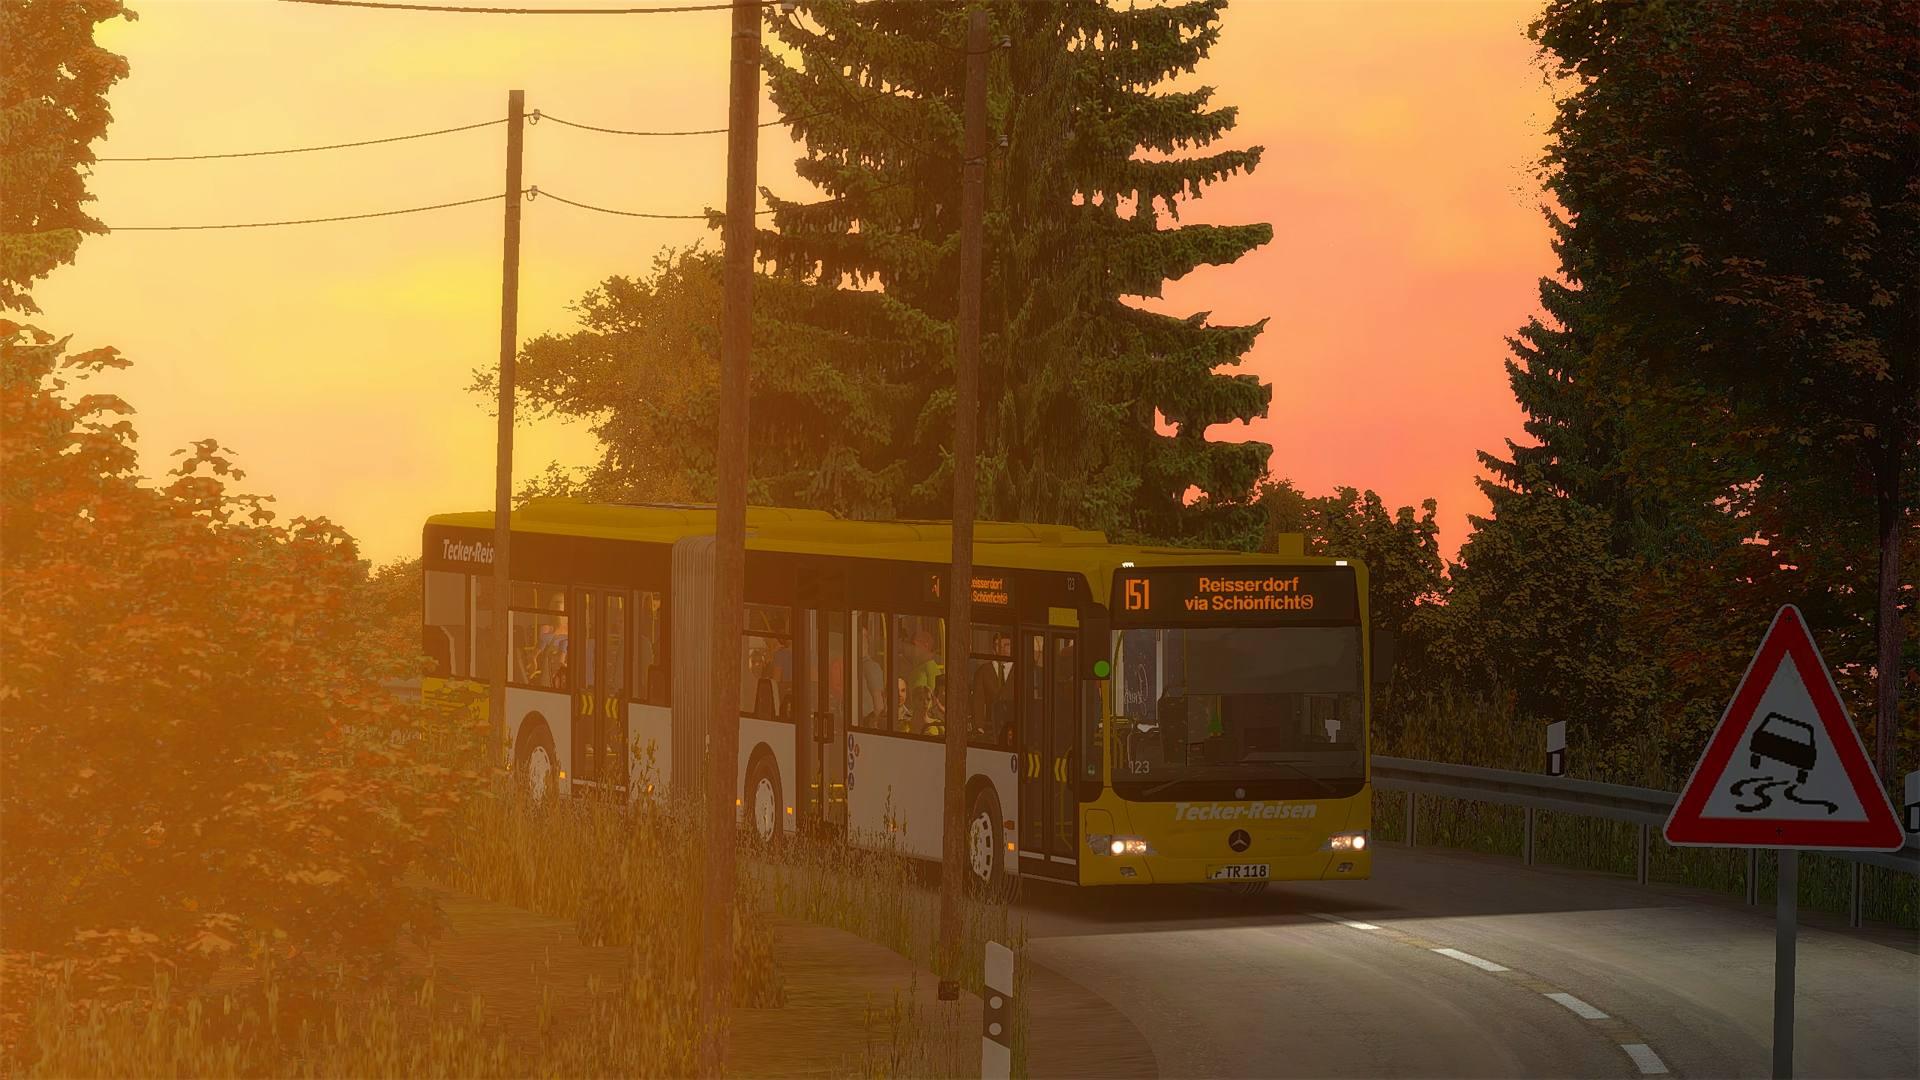 47154-omsi2-20201216-202730-autoscaled-jpg